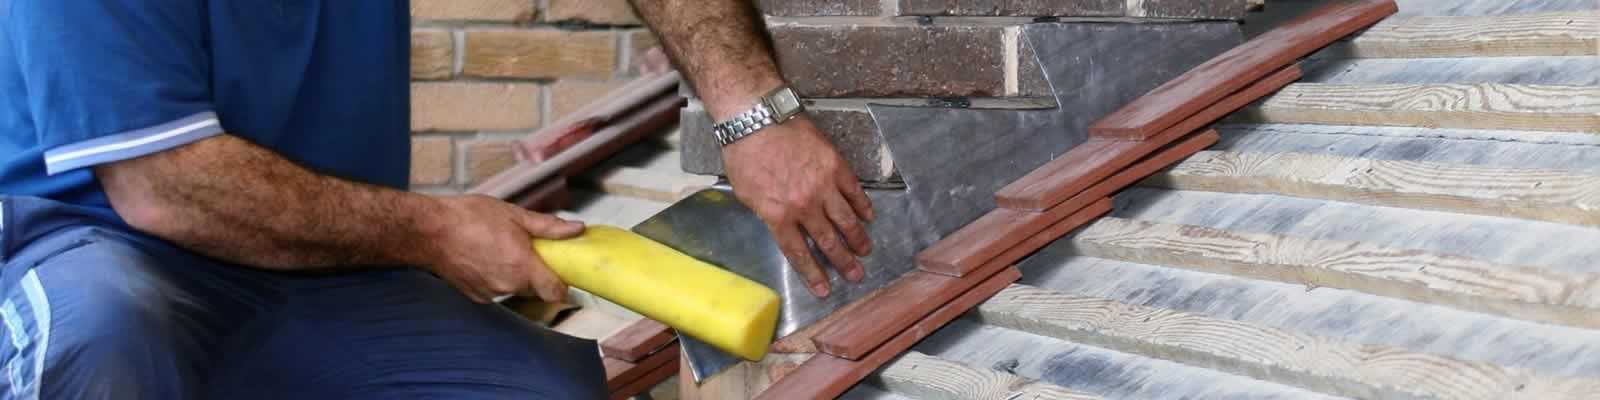 Roof repairs Birmingham